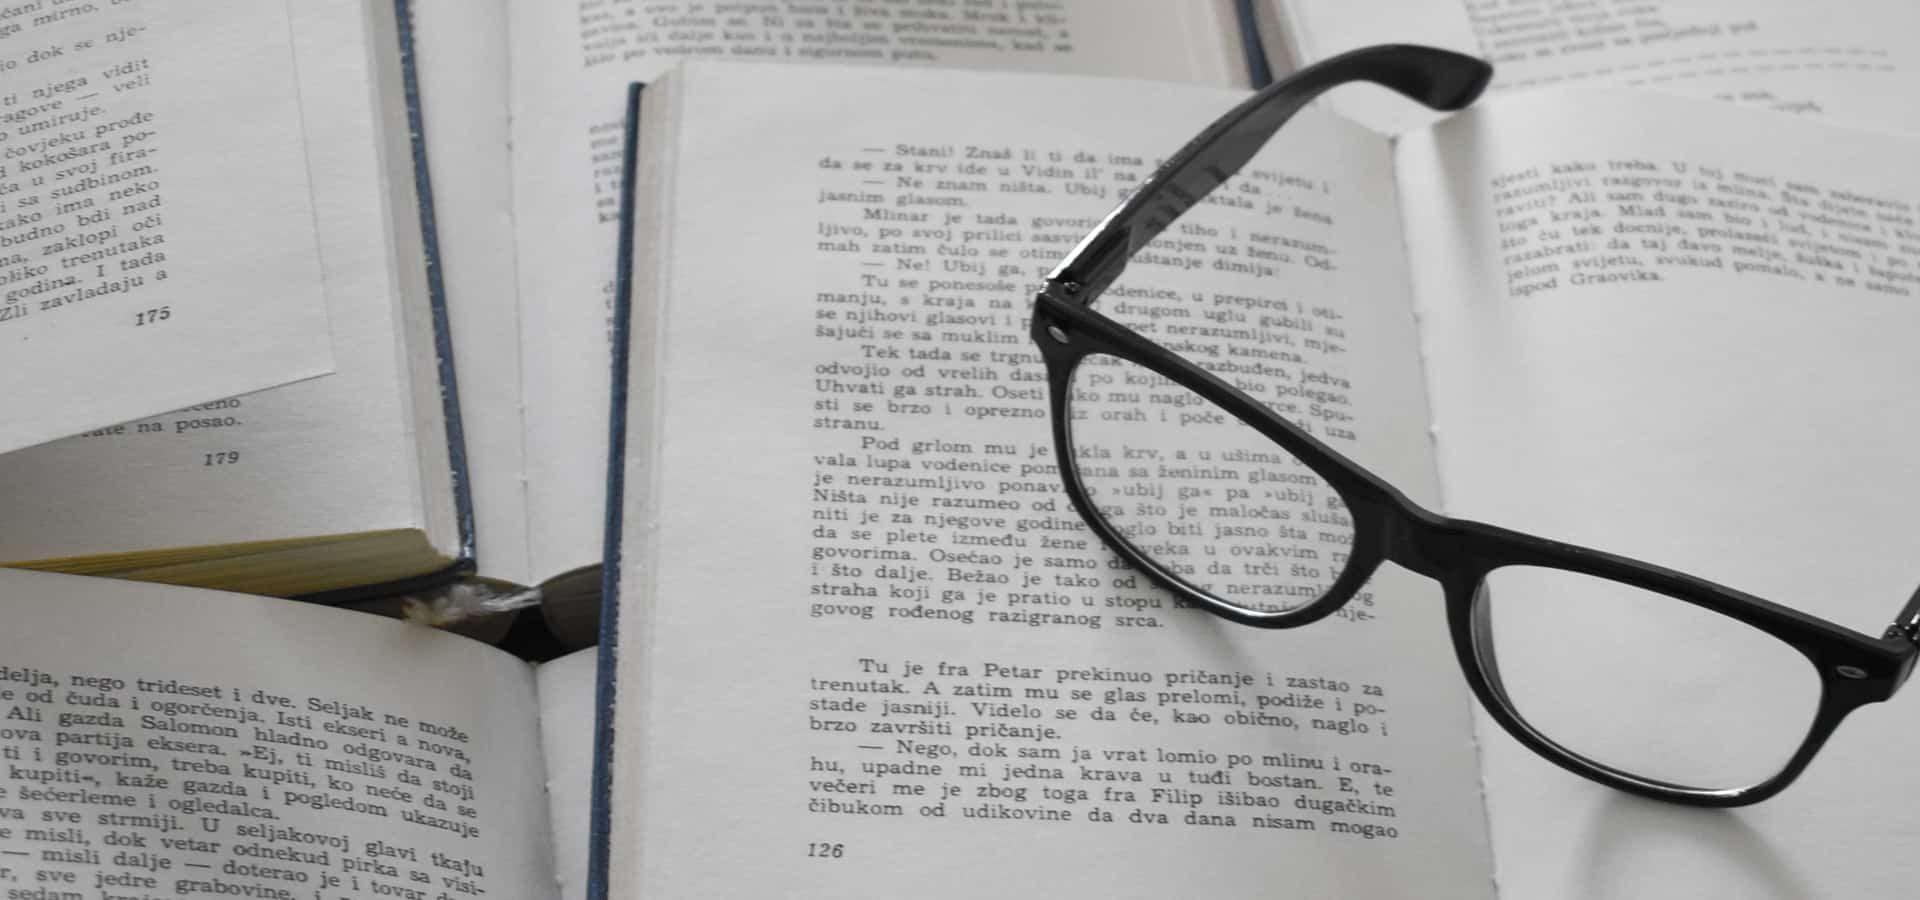 Zdjęcie ilustrujące rozłożone książki